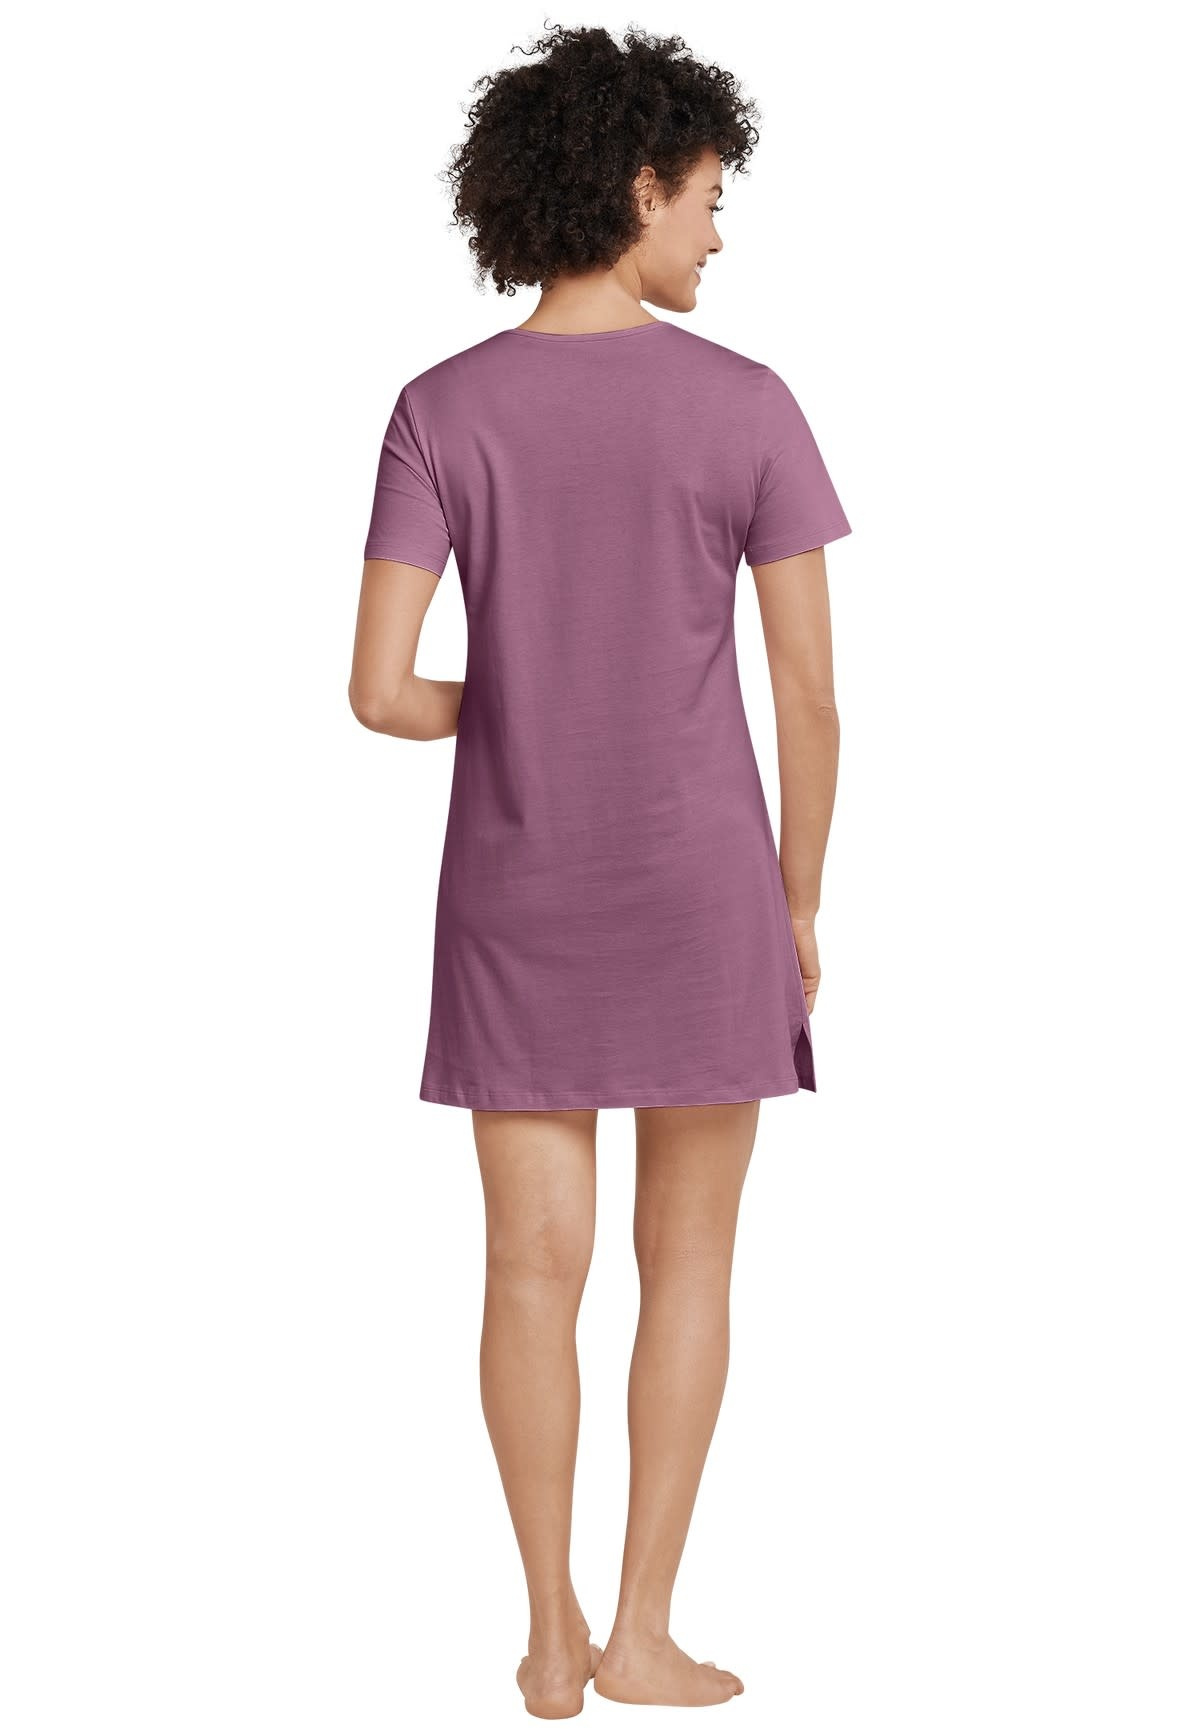 Nachthemd korte mouw 169488 - berry-2